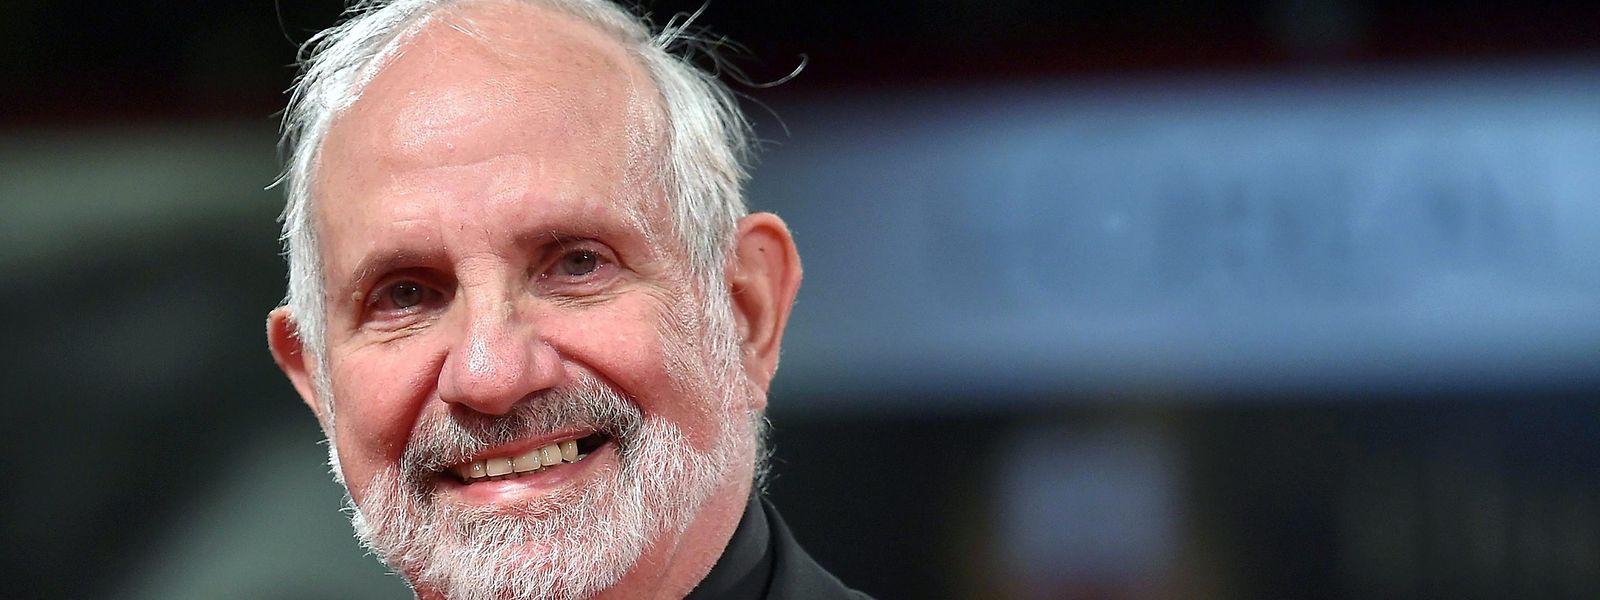 Sein Gesicht ist nicht bekannt, seine Film schon: Brian De Palma, 2015 in Venedig.